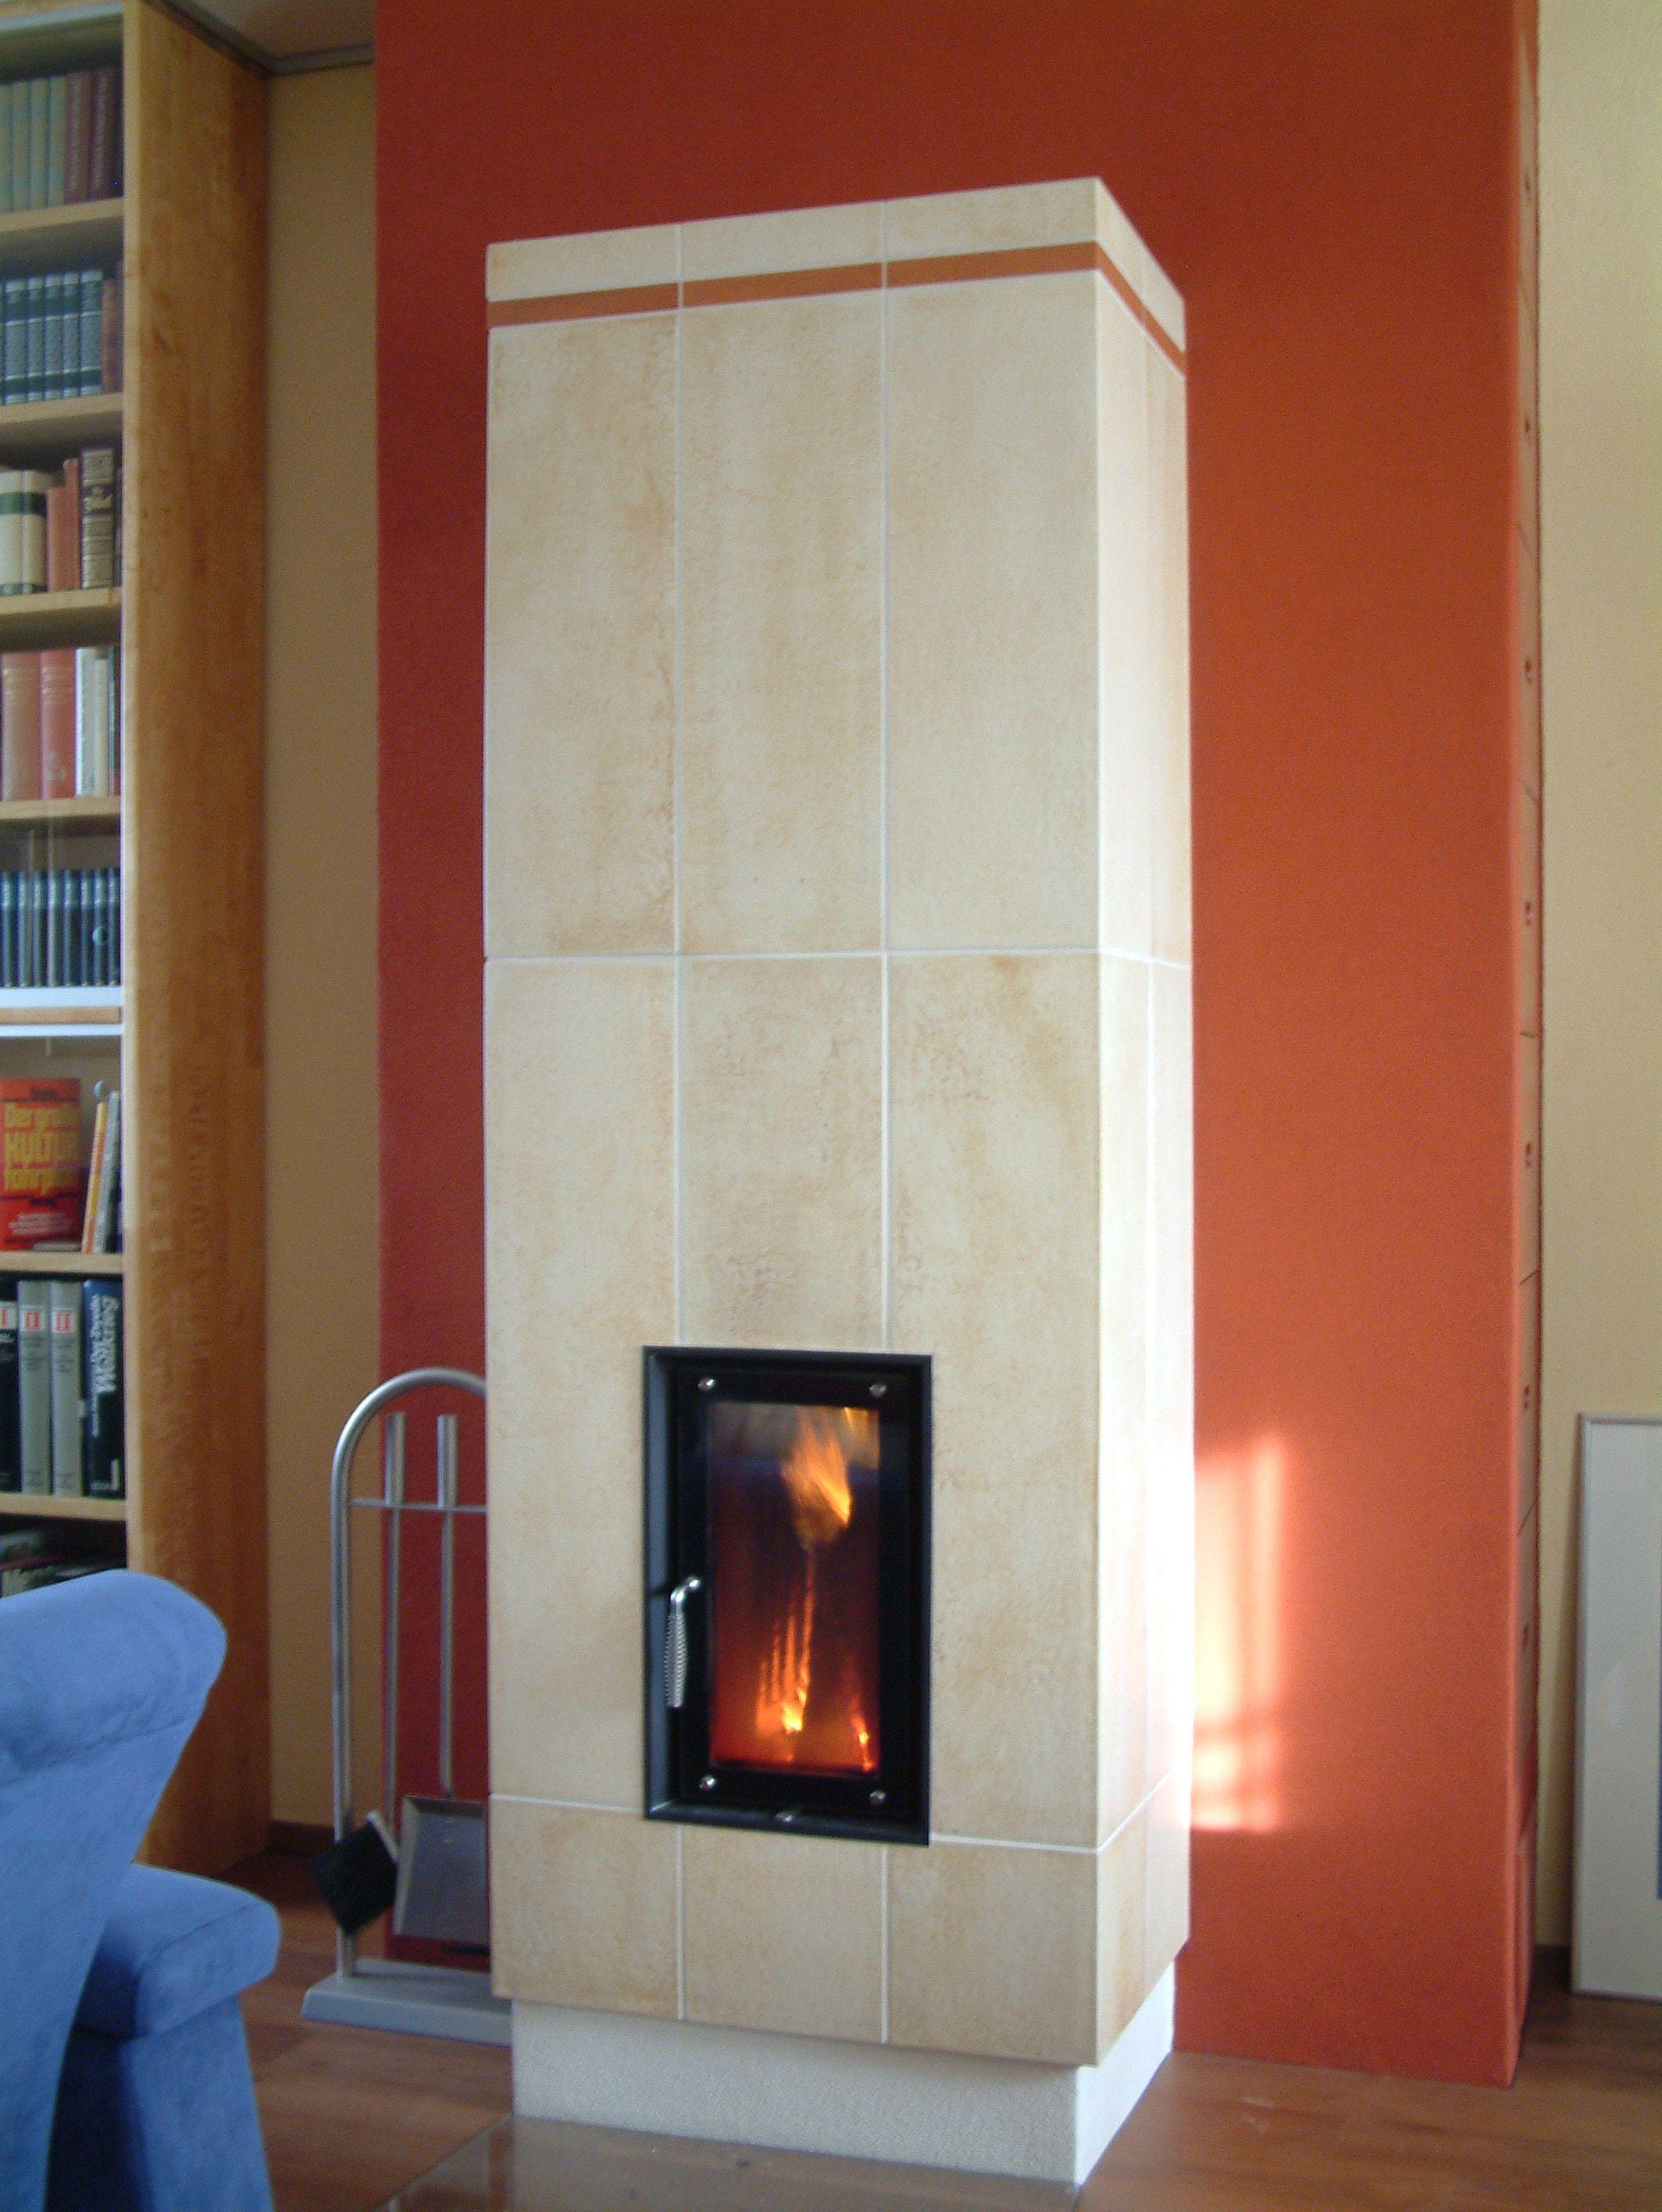 kleiner kachelofen mit ortner inside kachelofen einsatz matthias kachelofen kleine. Black Bedroom Furniture Sets. Home Design Ideas